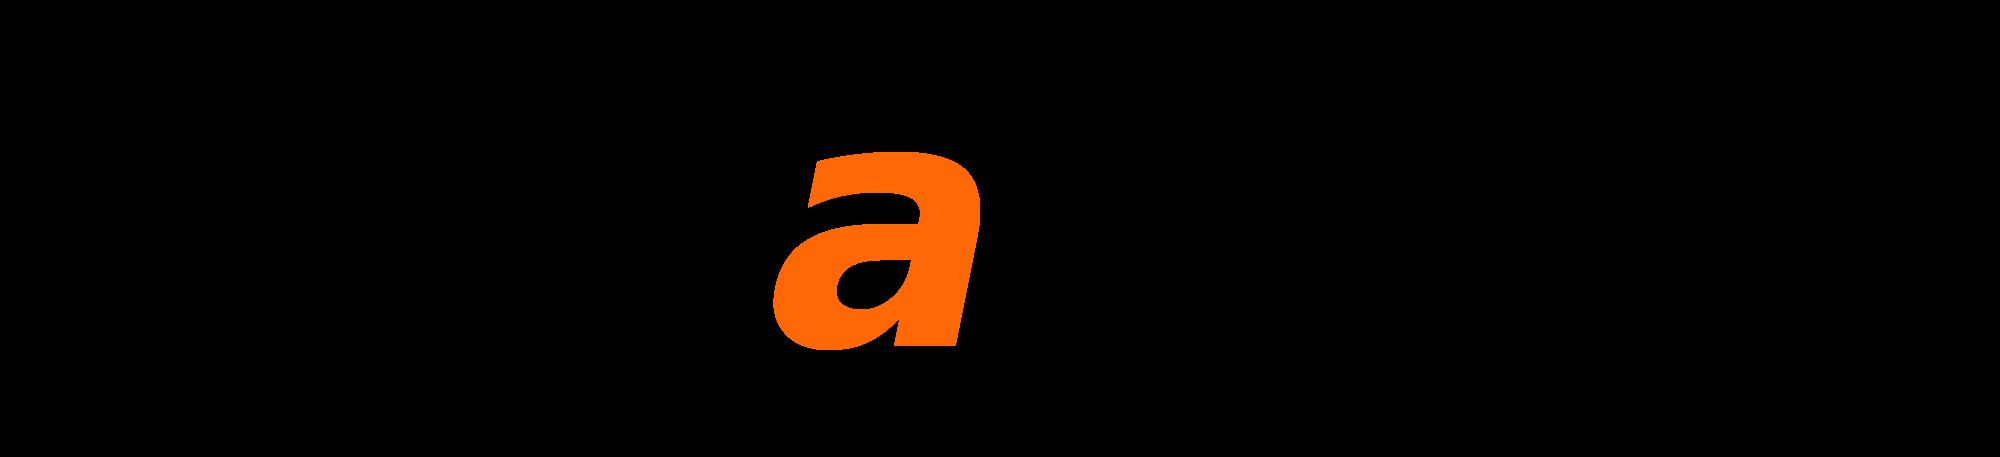 「Java笔记」在 IntelliJ IDEA 中为Maven 配置阿里云镜像源 Java 第1张